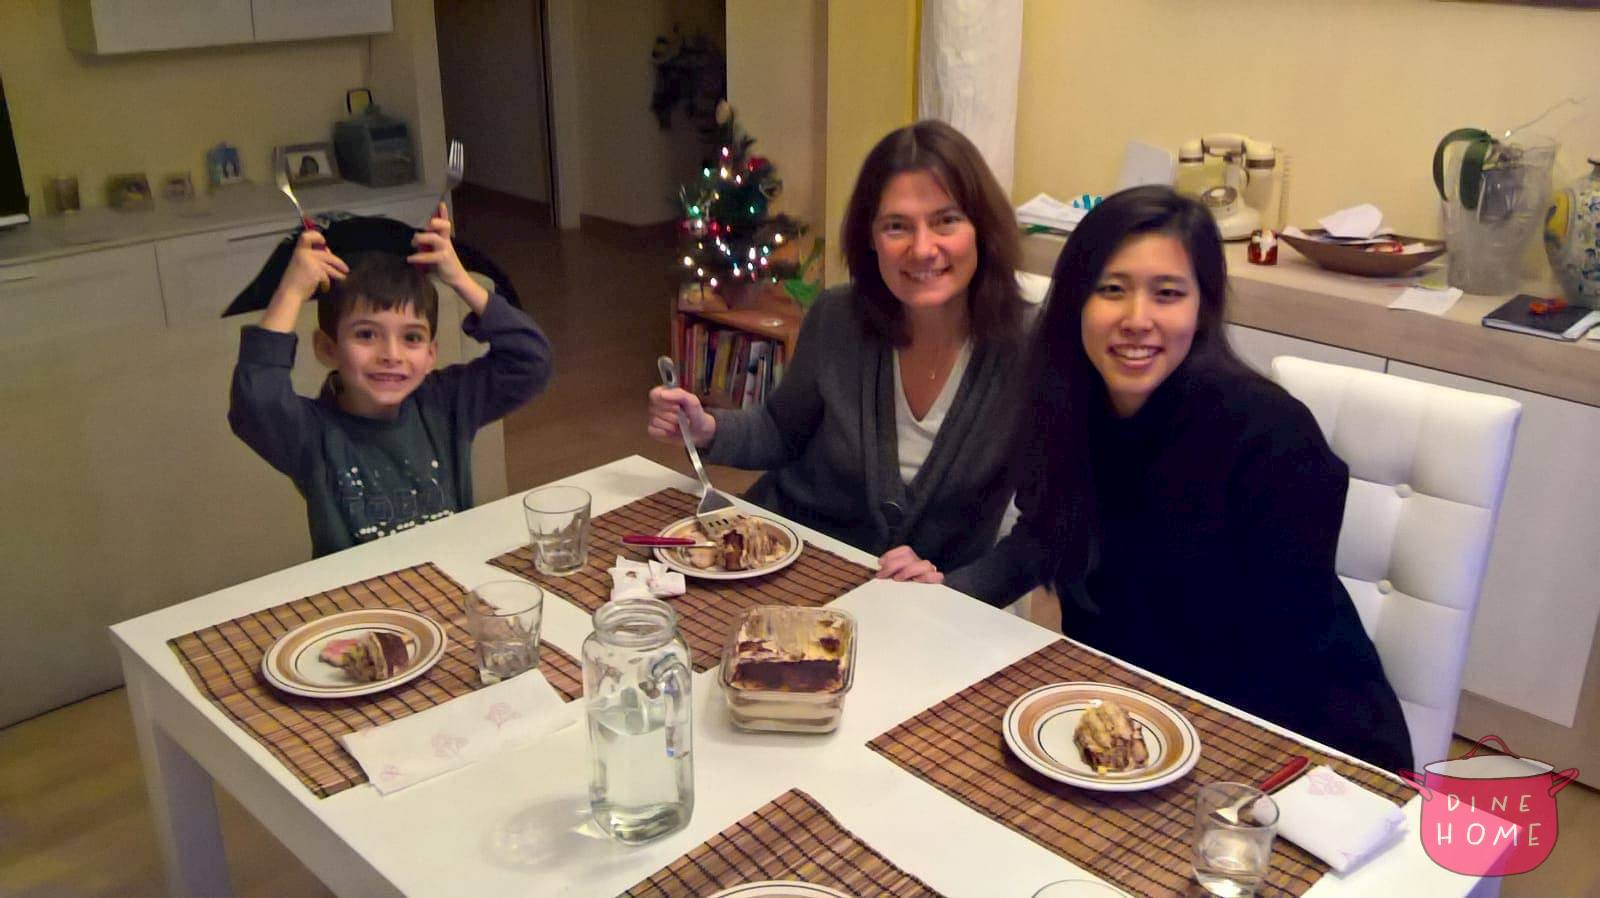 Hyo, studentessa dalla Corea del Sud, a cena dalla sua famiglia Dinehome.